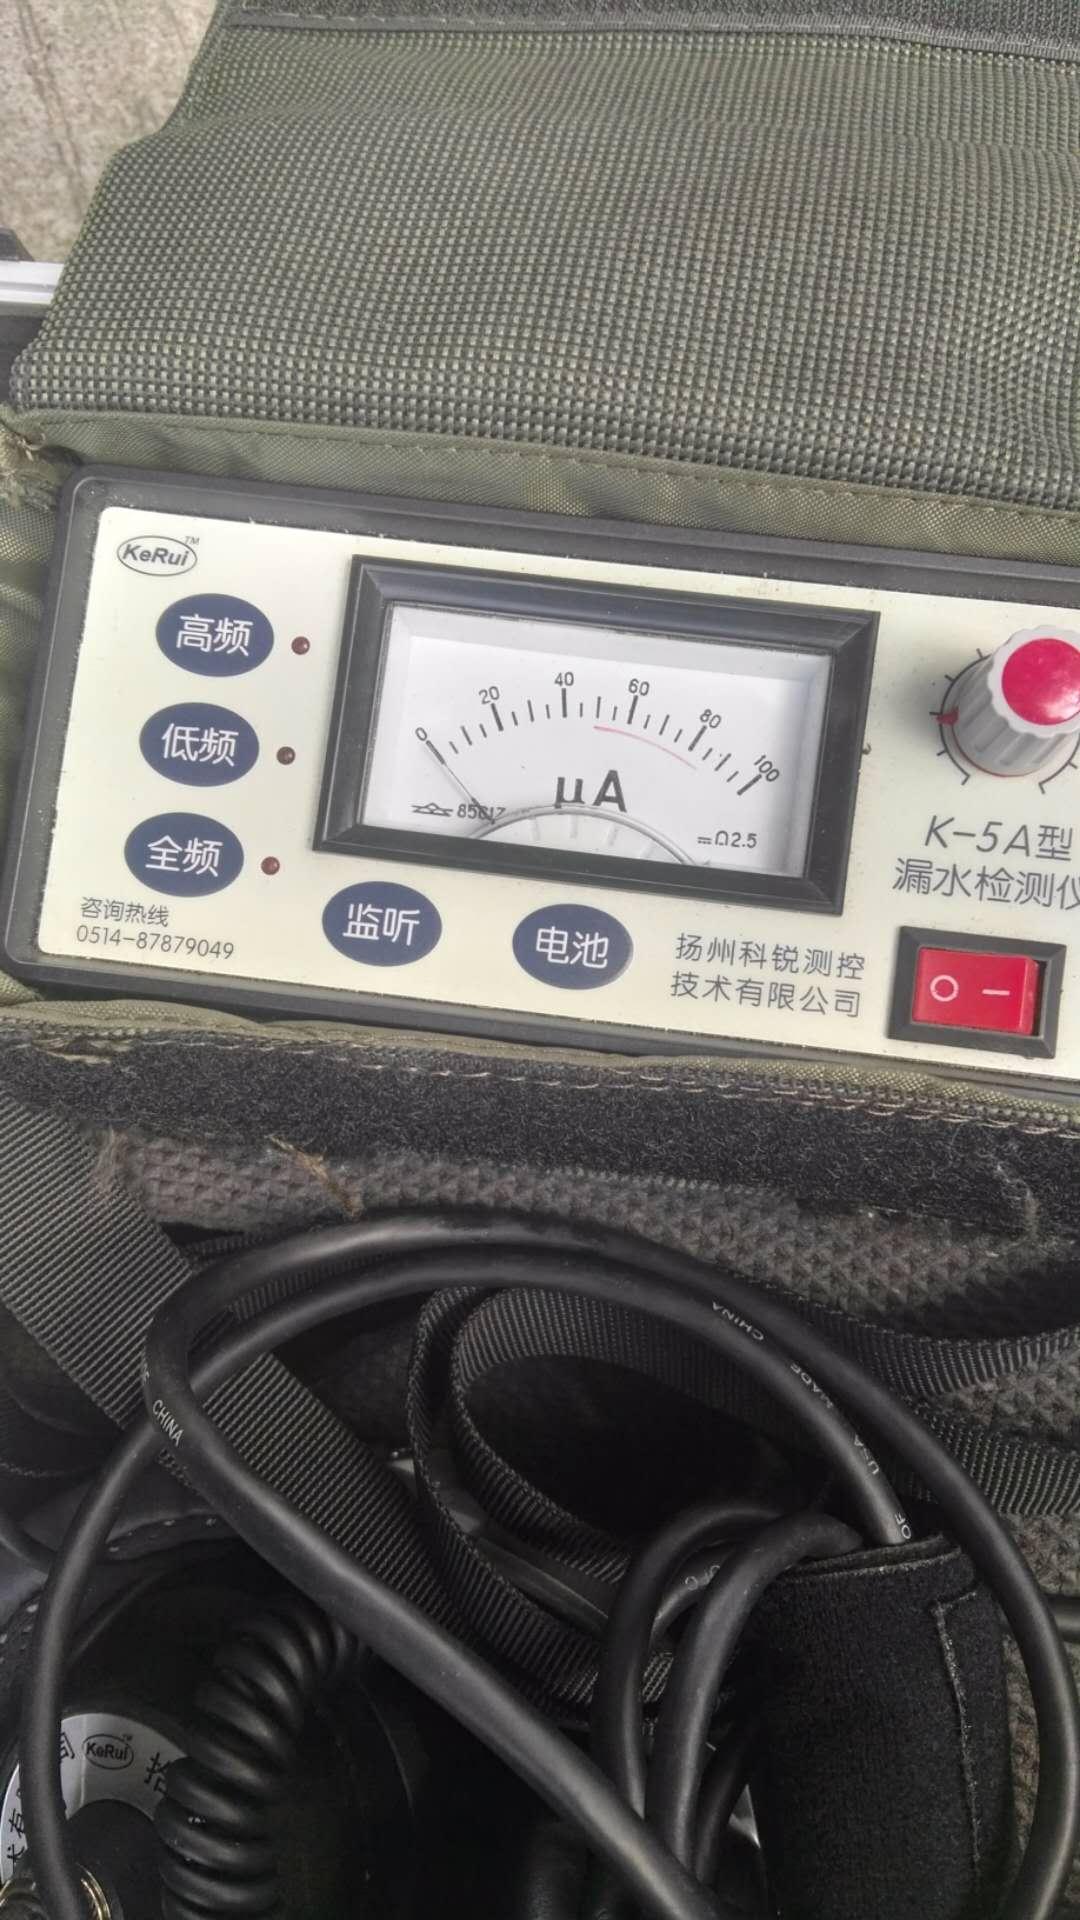 广州黄埔地下水管漏水检测维修公司_广州水管漏水检测一次多钱_广州地下水管漏水怎么检测